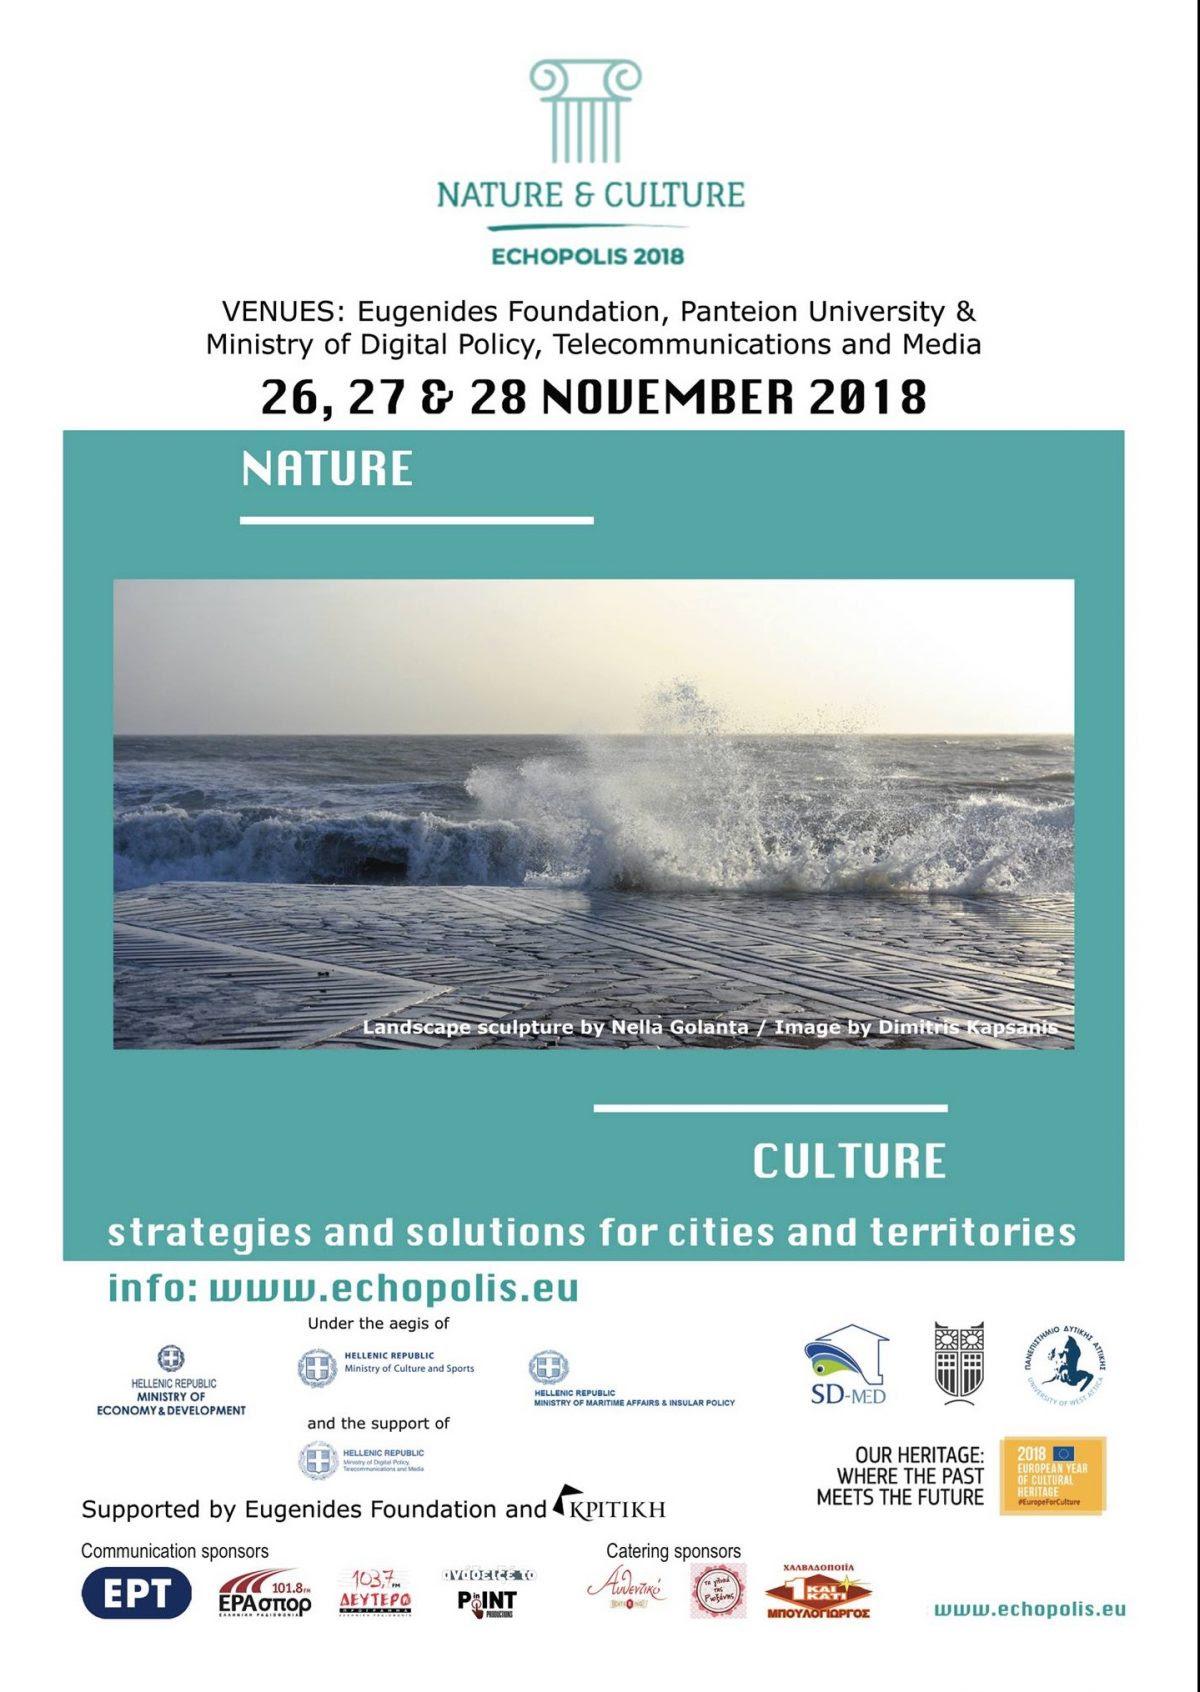 Διεθνές Συνέδριο ECHOPOLIS INTERNATIONAL 2018 (26-28.11.2018)